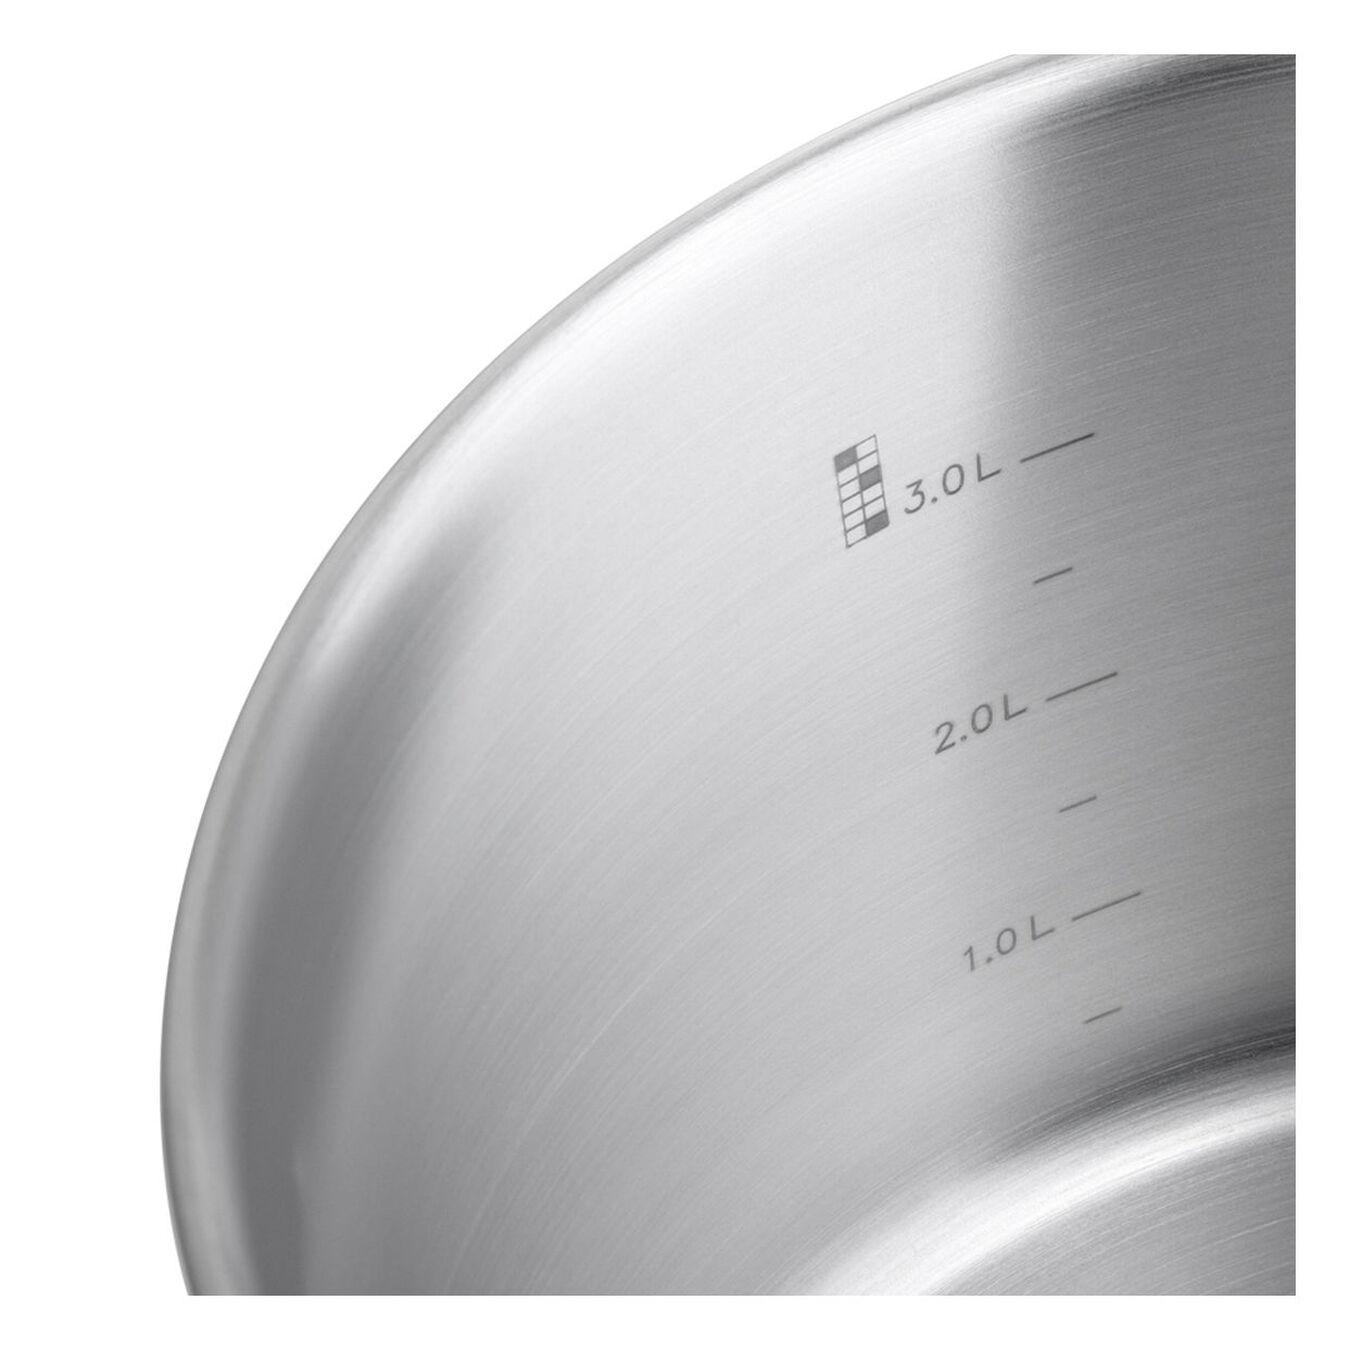 Ensemble de casseroles 4-pcs, Inox 18/10,,large 7